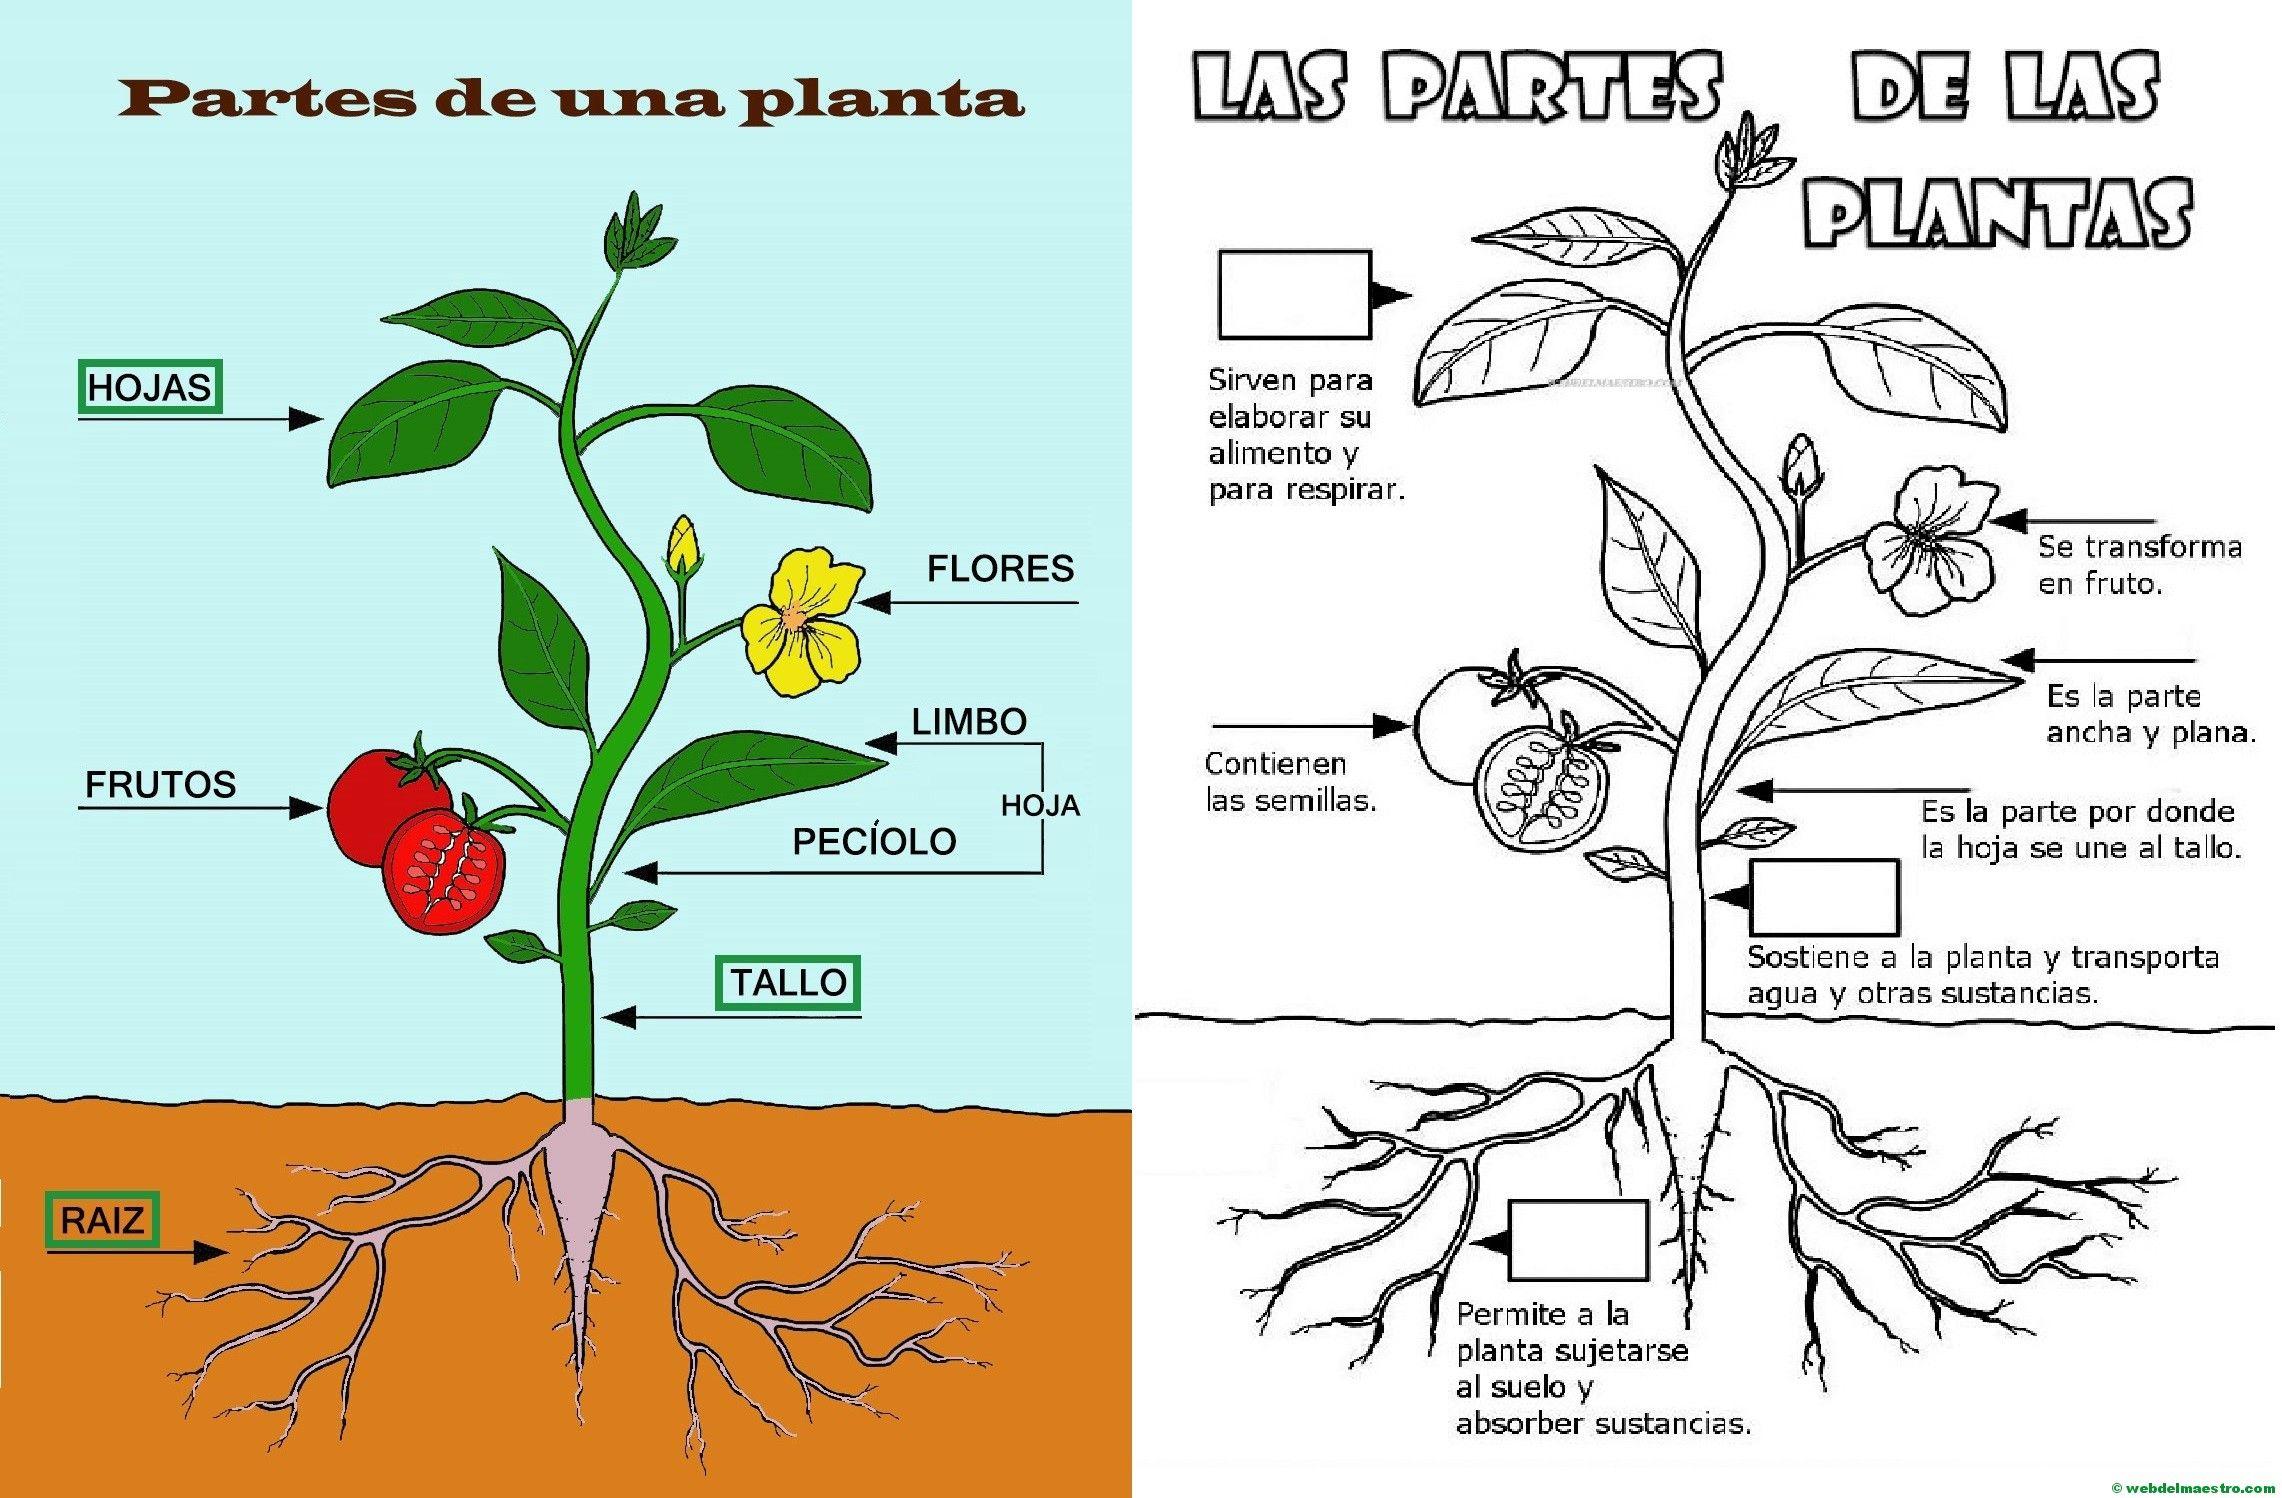 Partes de una planta para niños de Primaria | proyectos infantil ...